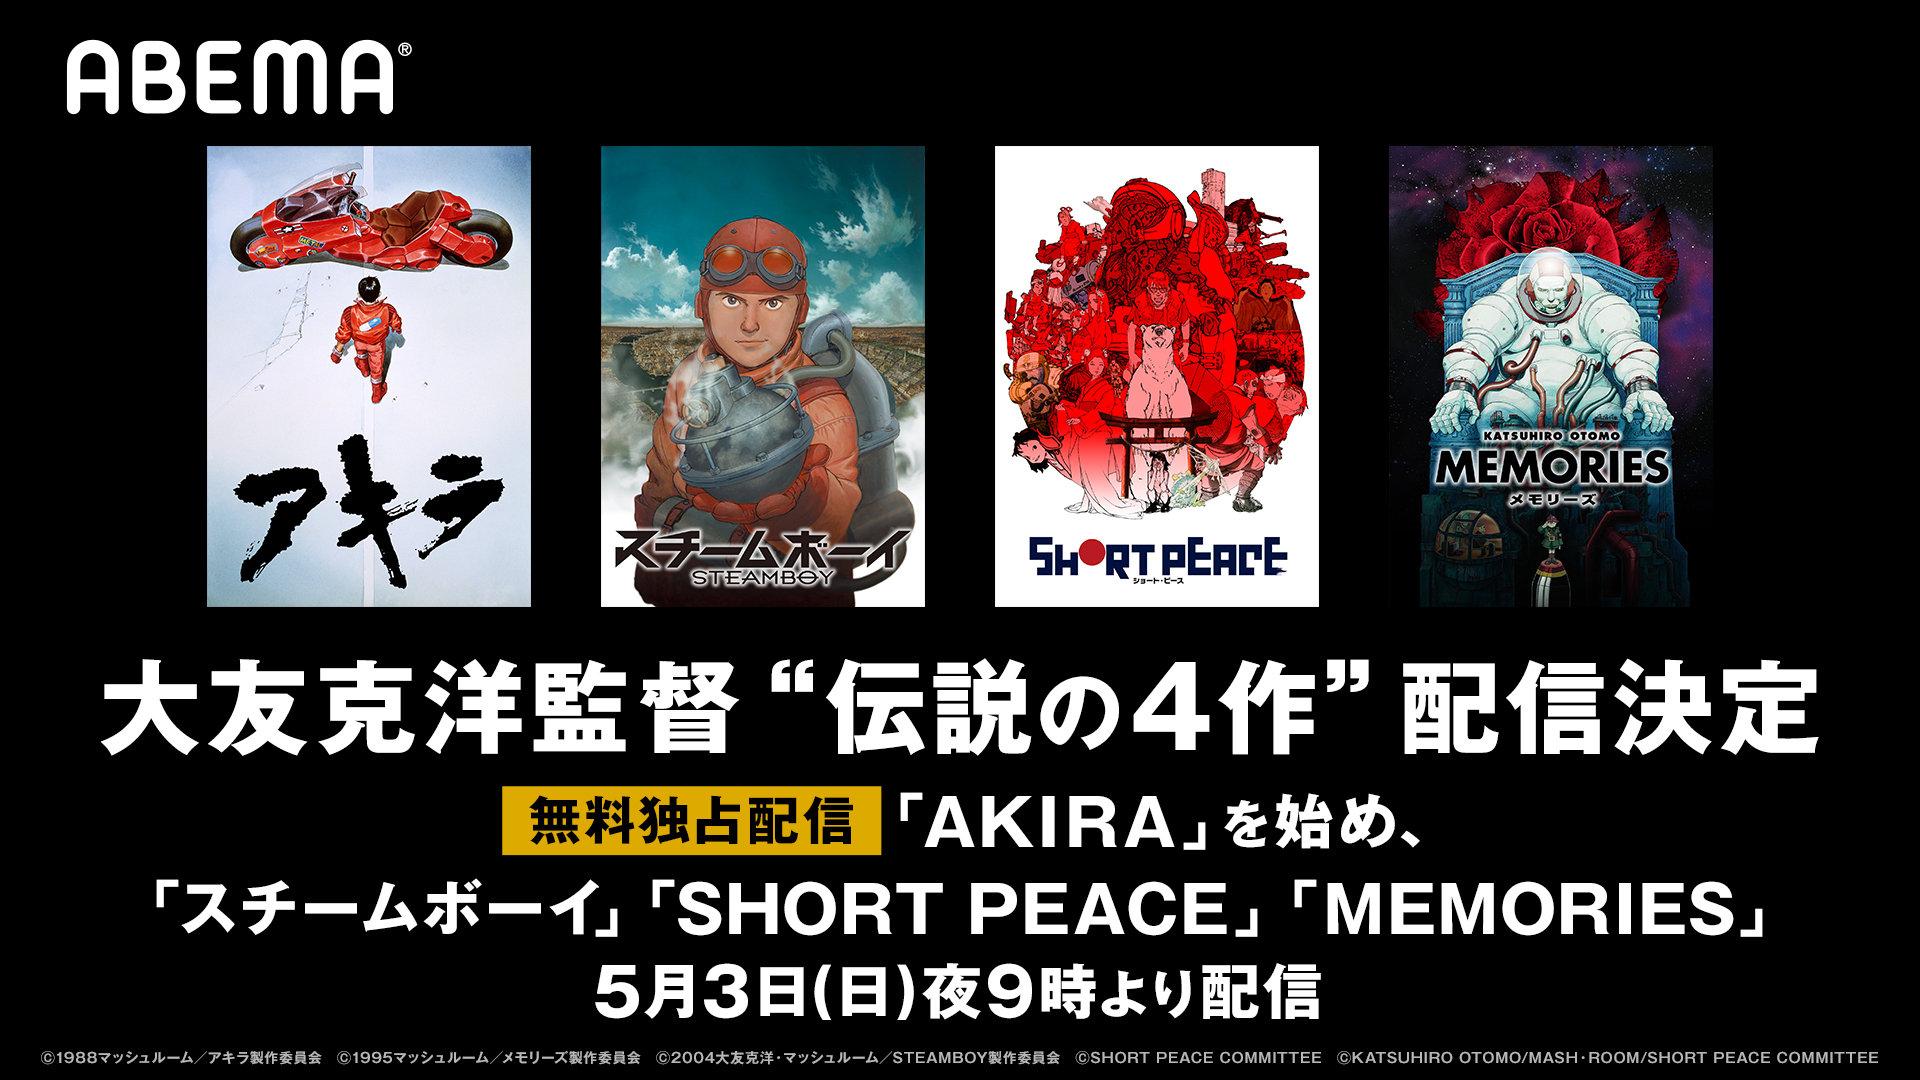 Abemaで5月から大友克洋監督作品が無料配信へ Akira スチームボーイ など4作品 ねとらぼ